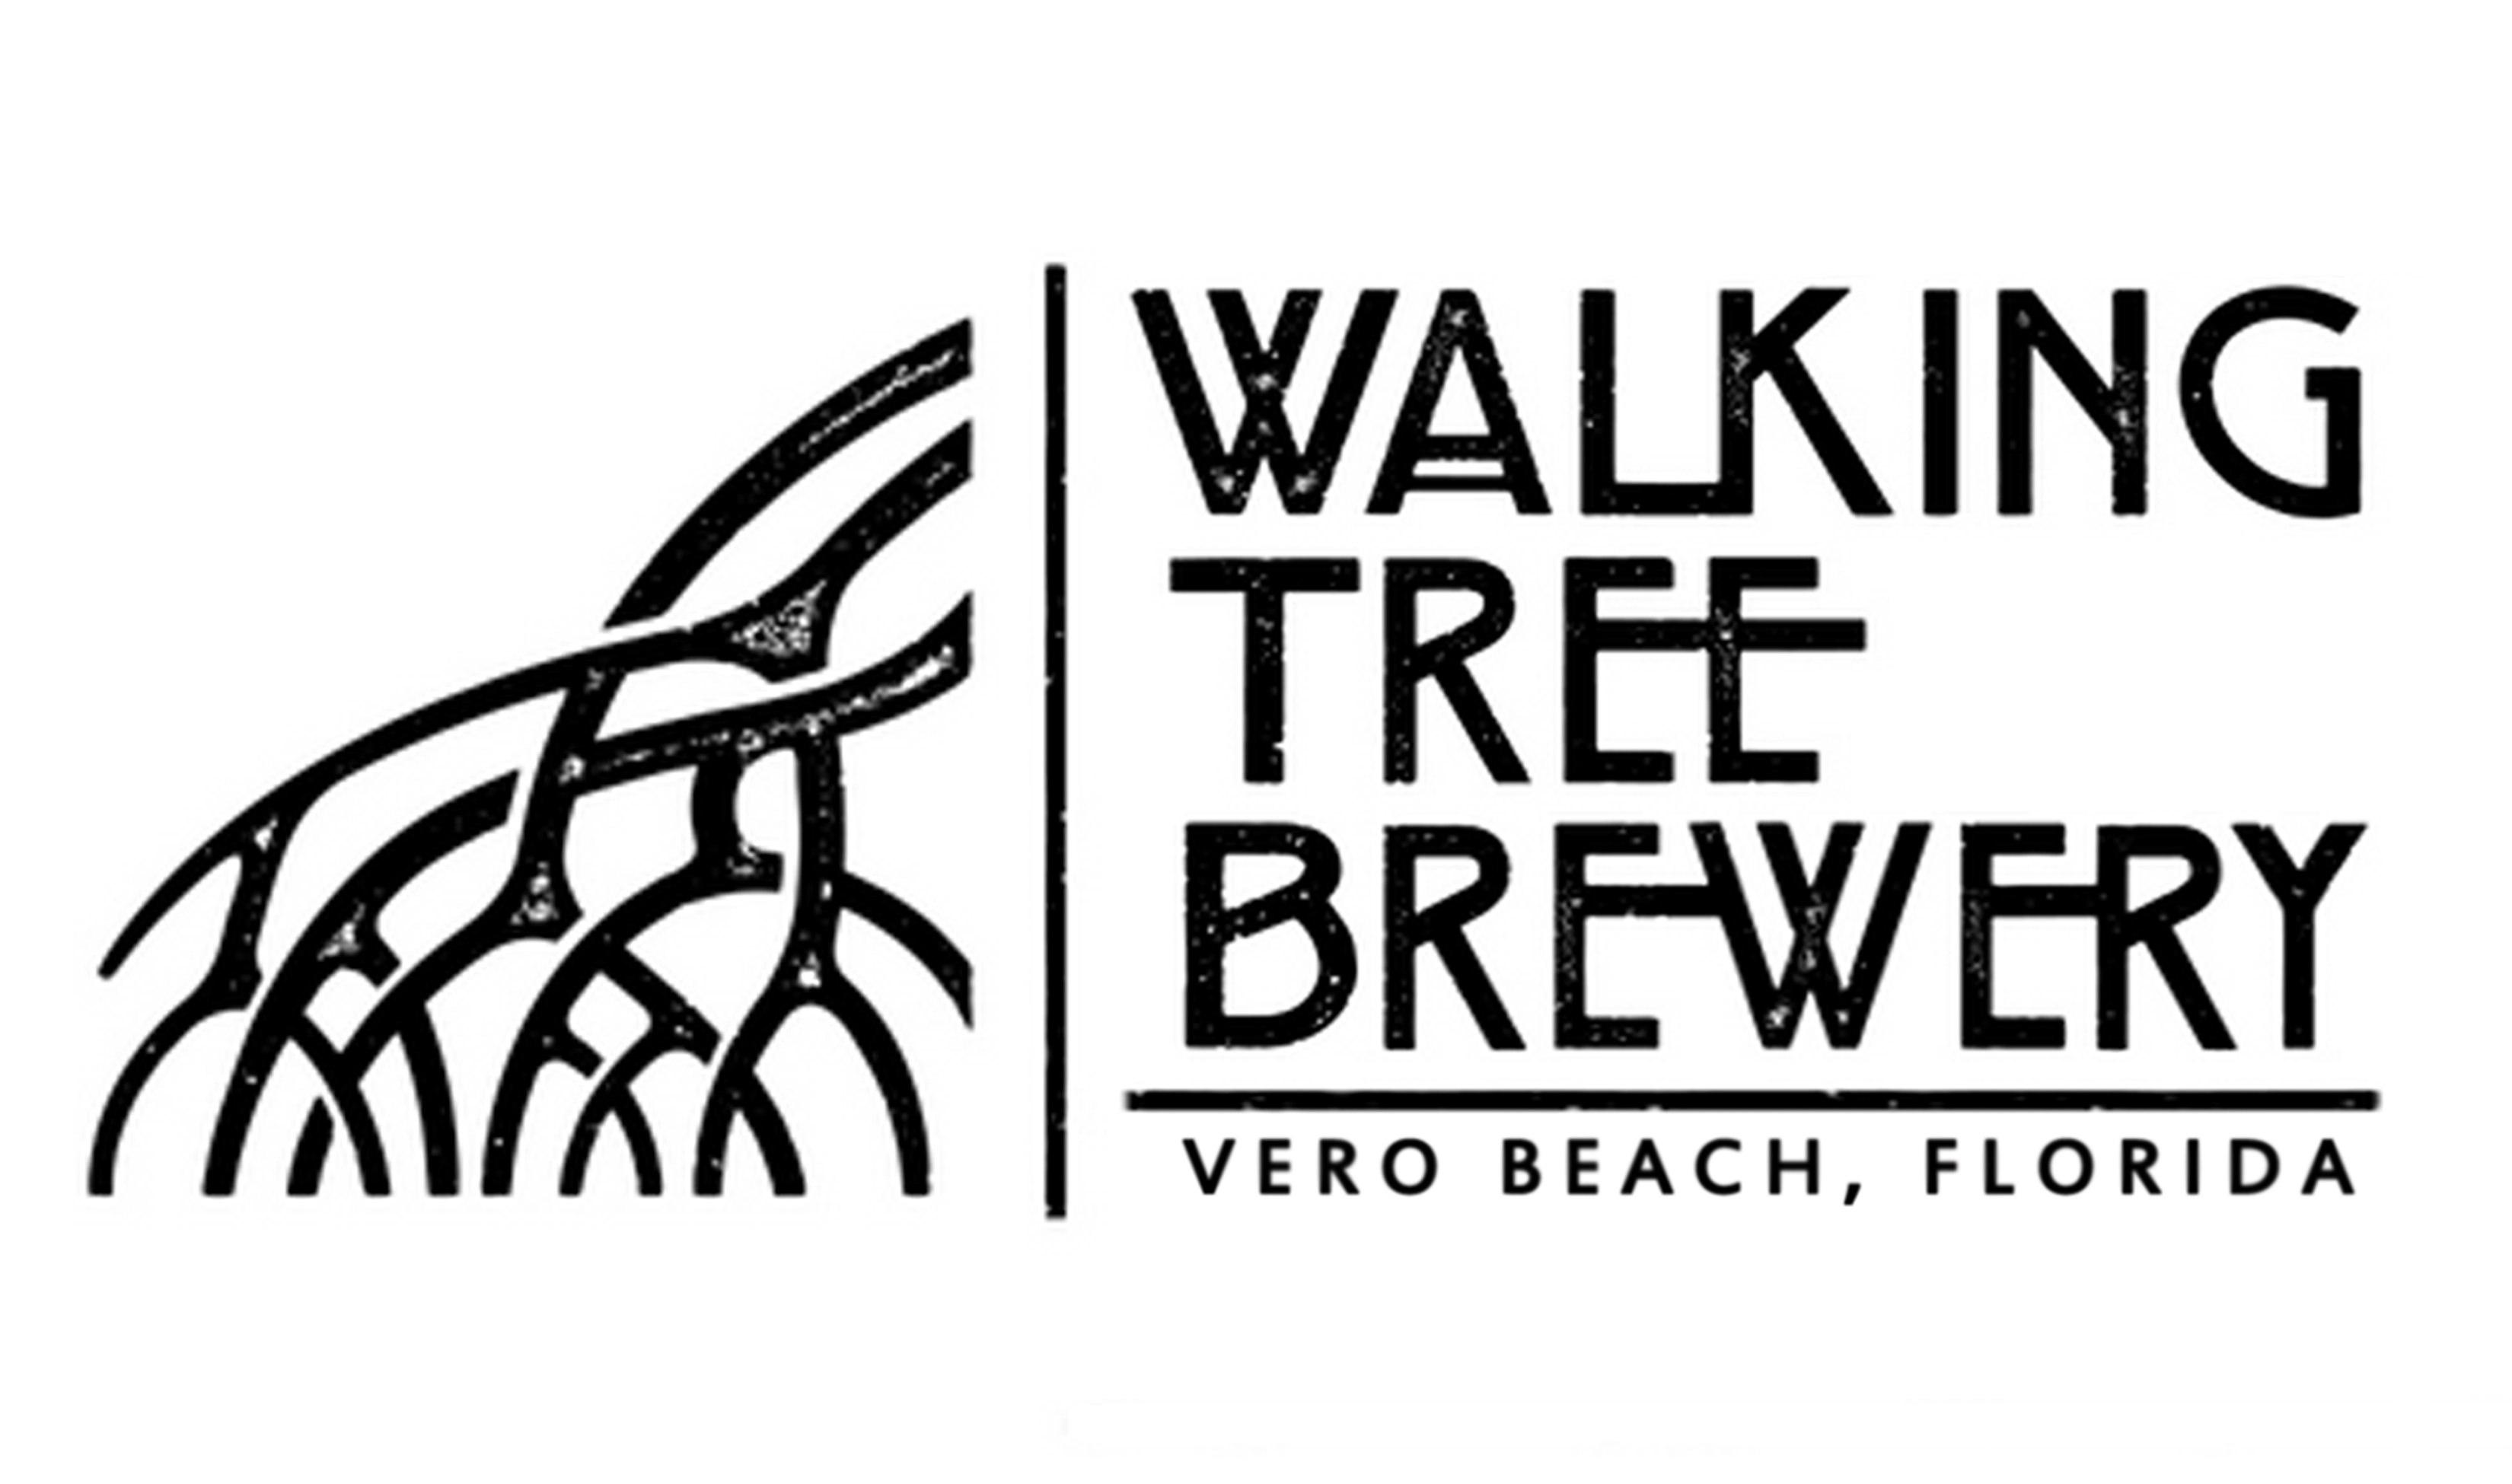 Walking Tree Brewery